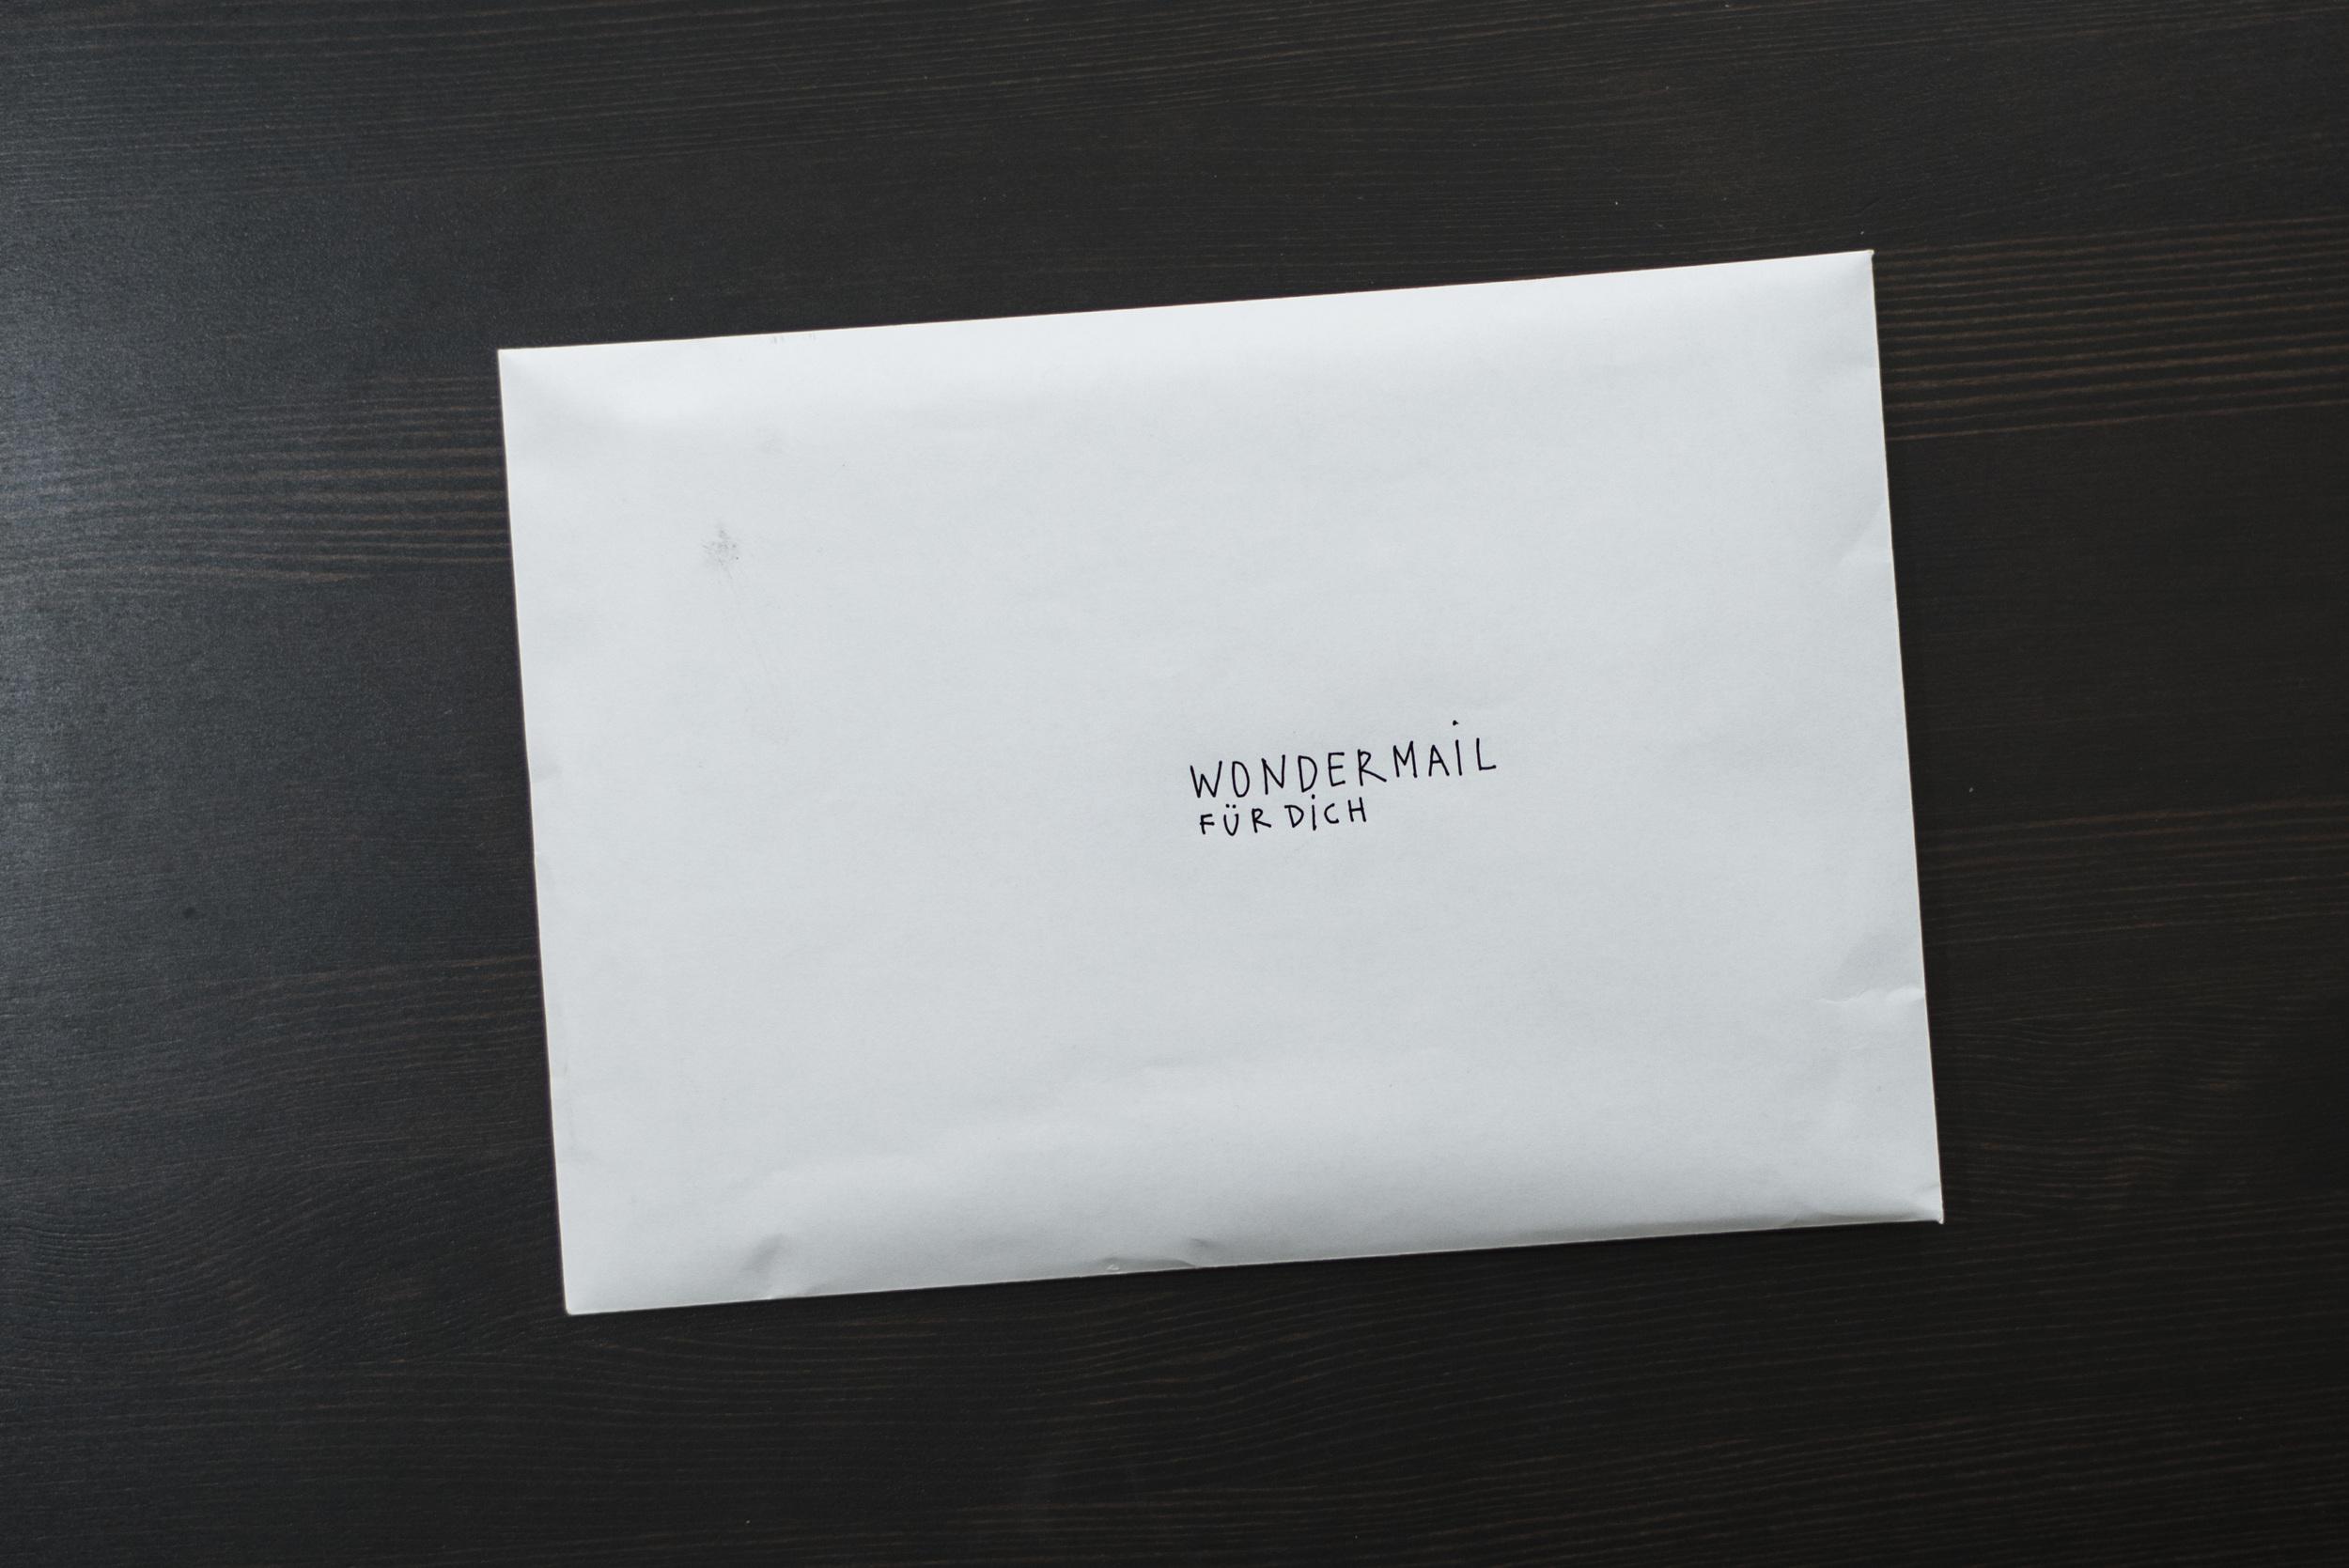 wondermail1.jpg